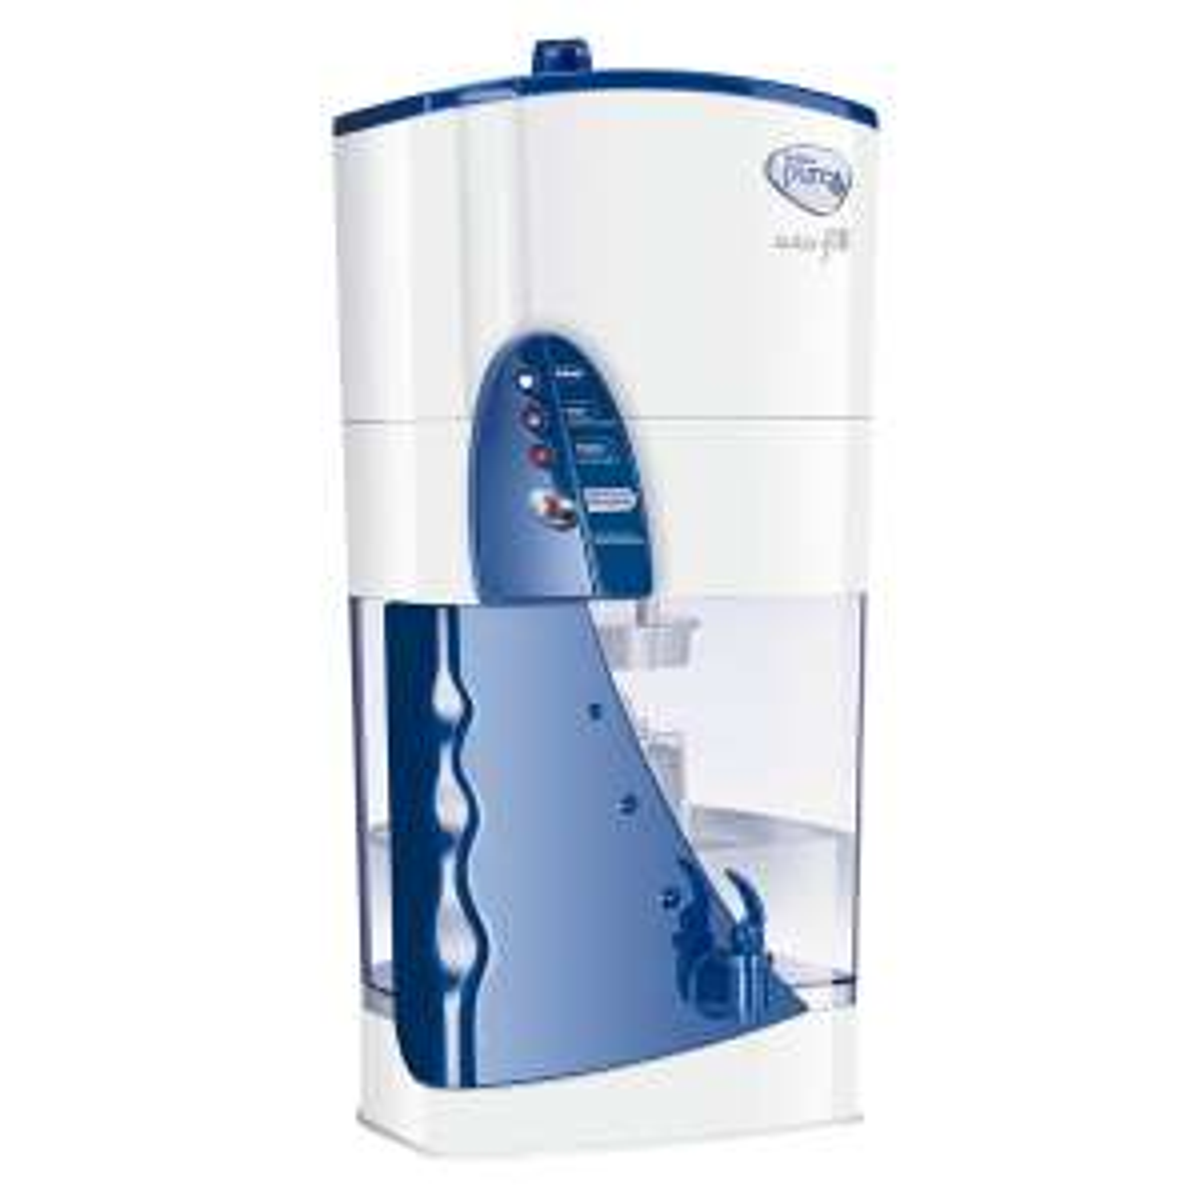 Costco: Pure it Auto-fill, purificador de agua 18L